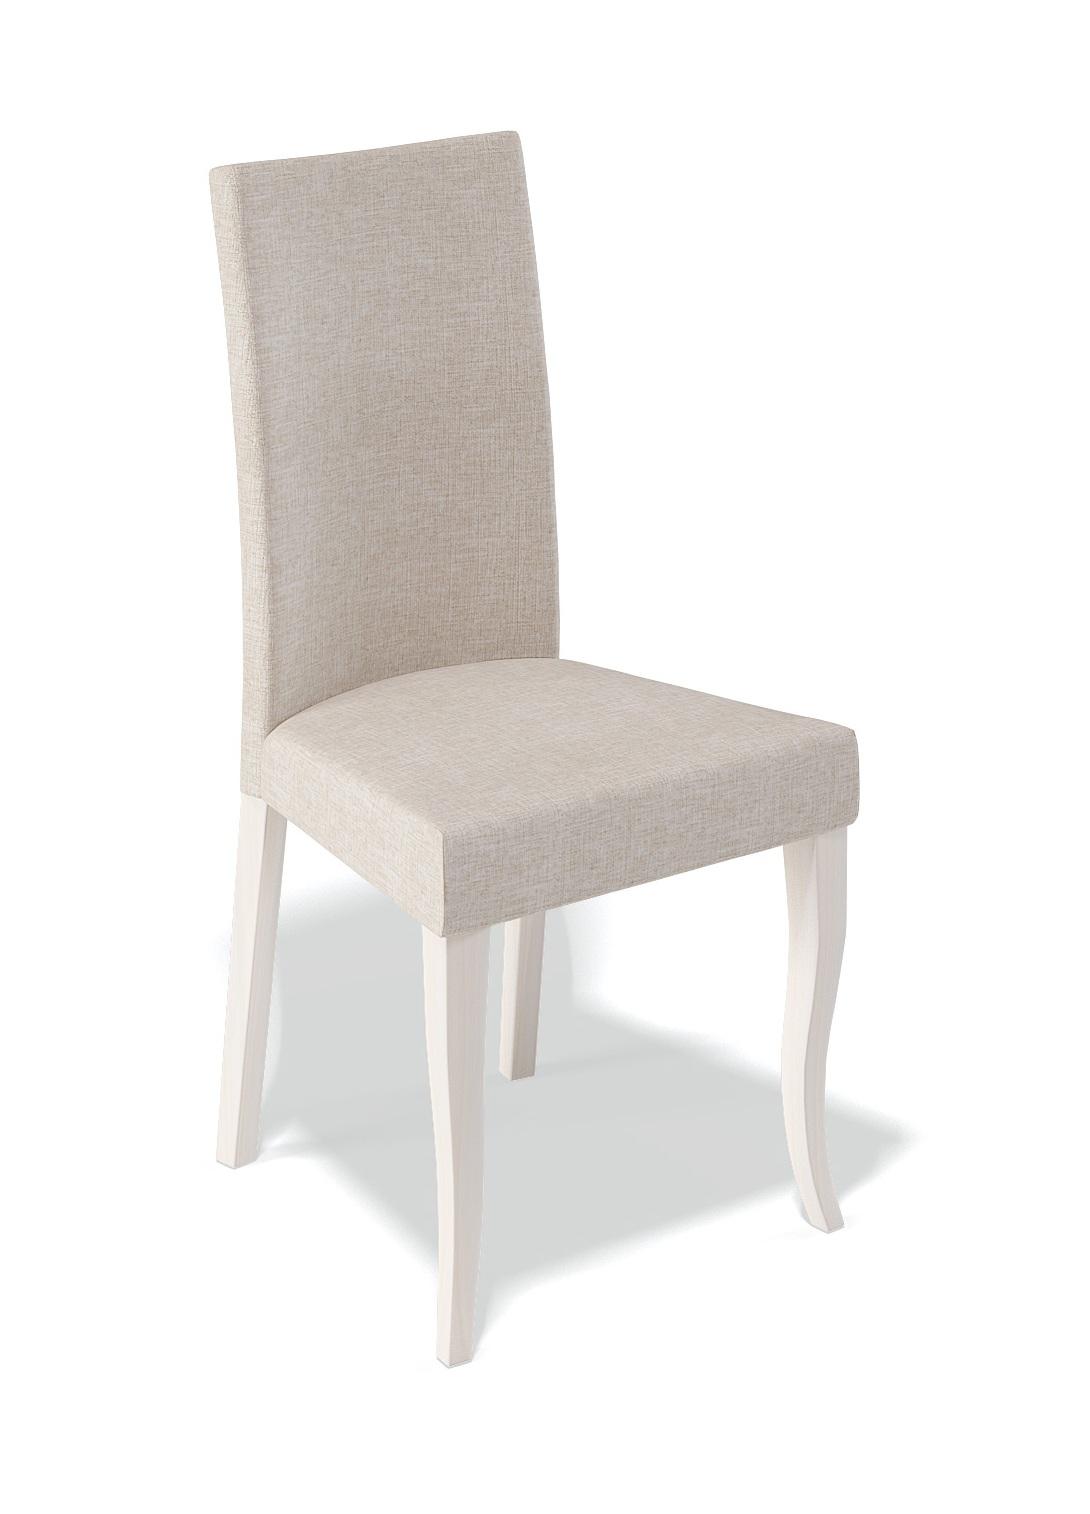 Кухонный стул ДИК 15685714 от mebel-top.ru